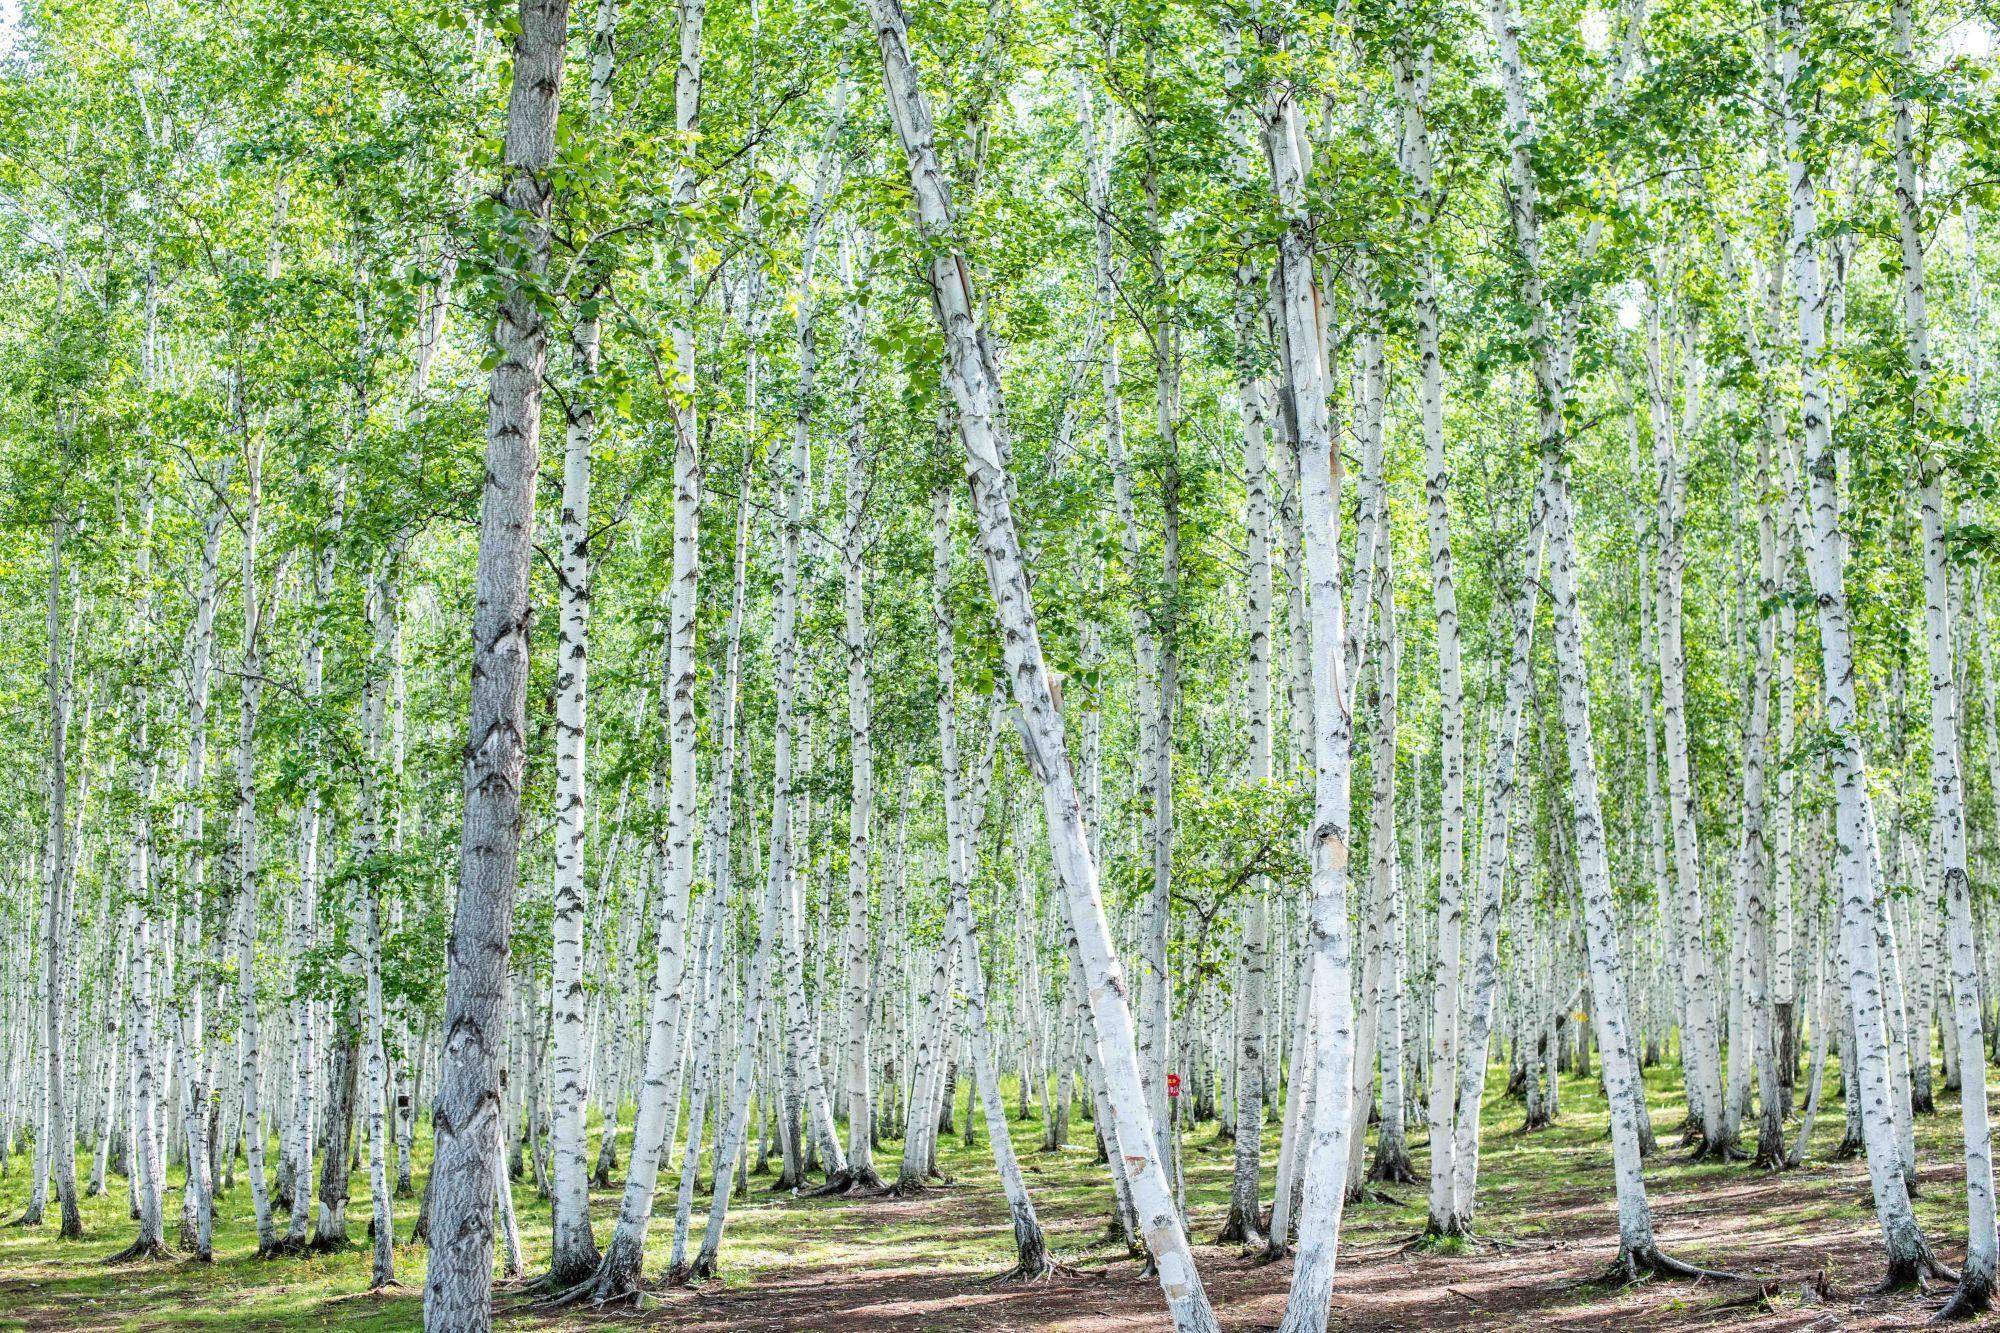 """林深时见鹿,梦醒时见""""白桦林"""",内蒙古这个超美森林你去过吗?"""